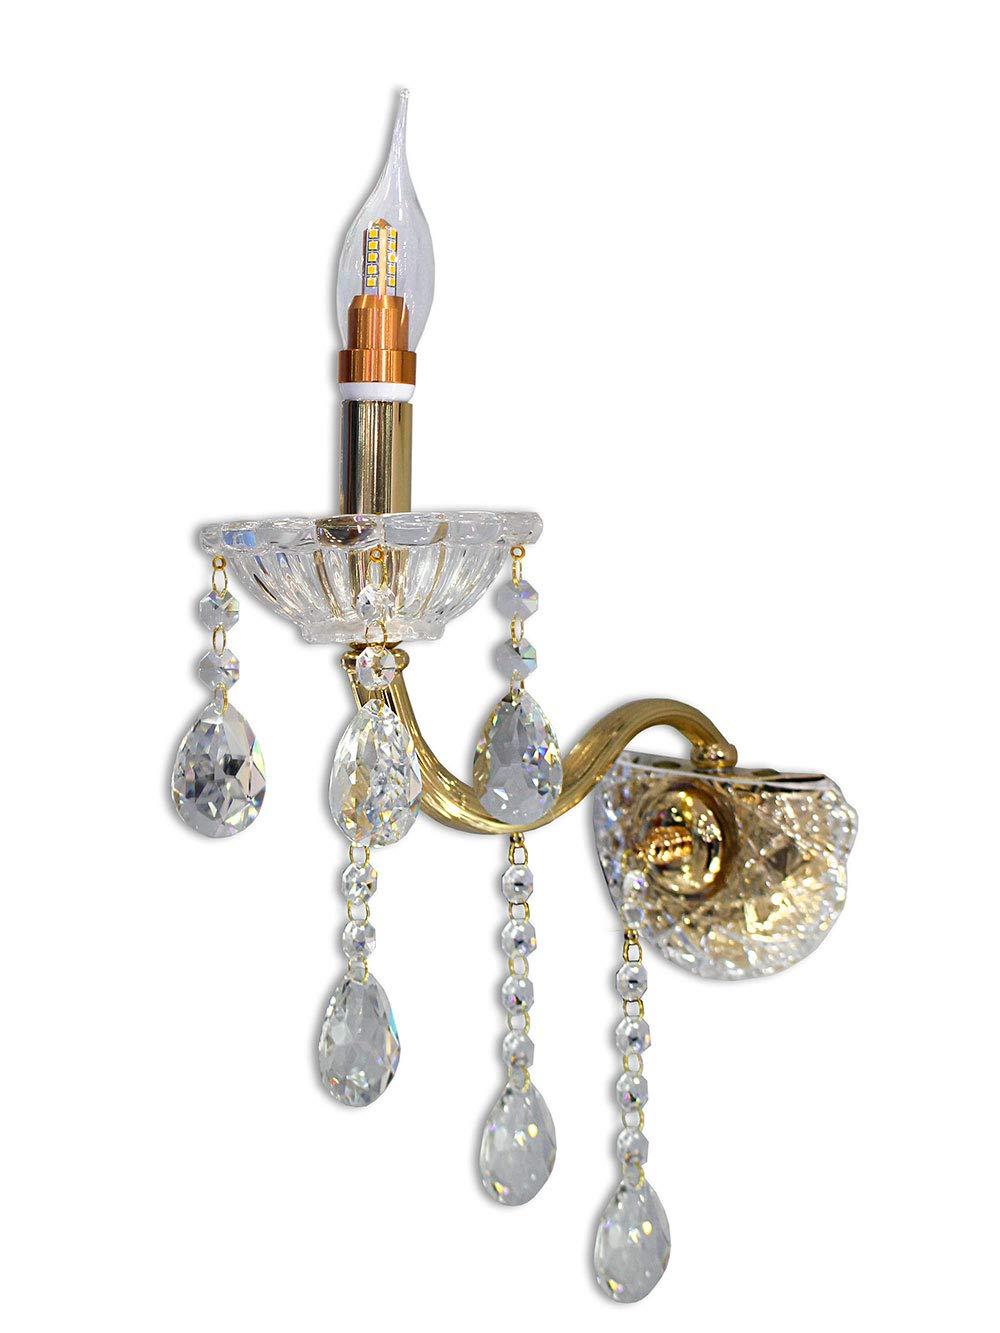 Argento Vetrineinrete/® Applique candelabro lampada da parete con gocce pendenti di cristallo in acrilico con attacco E14 oro e argento stile retr/ò E34 illuminazione lampadario casa